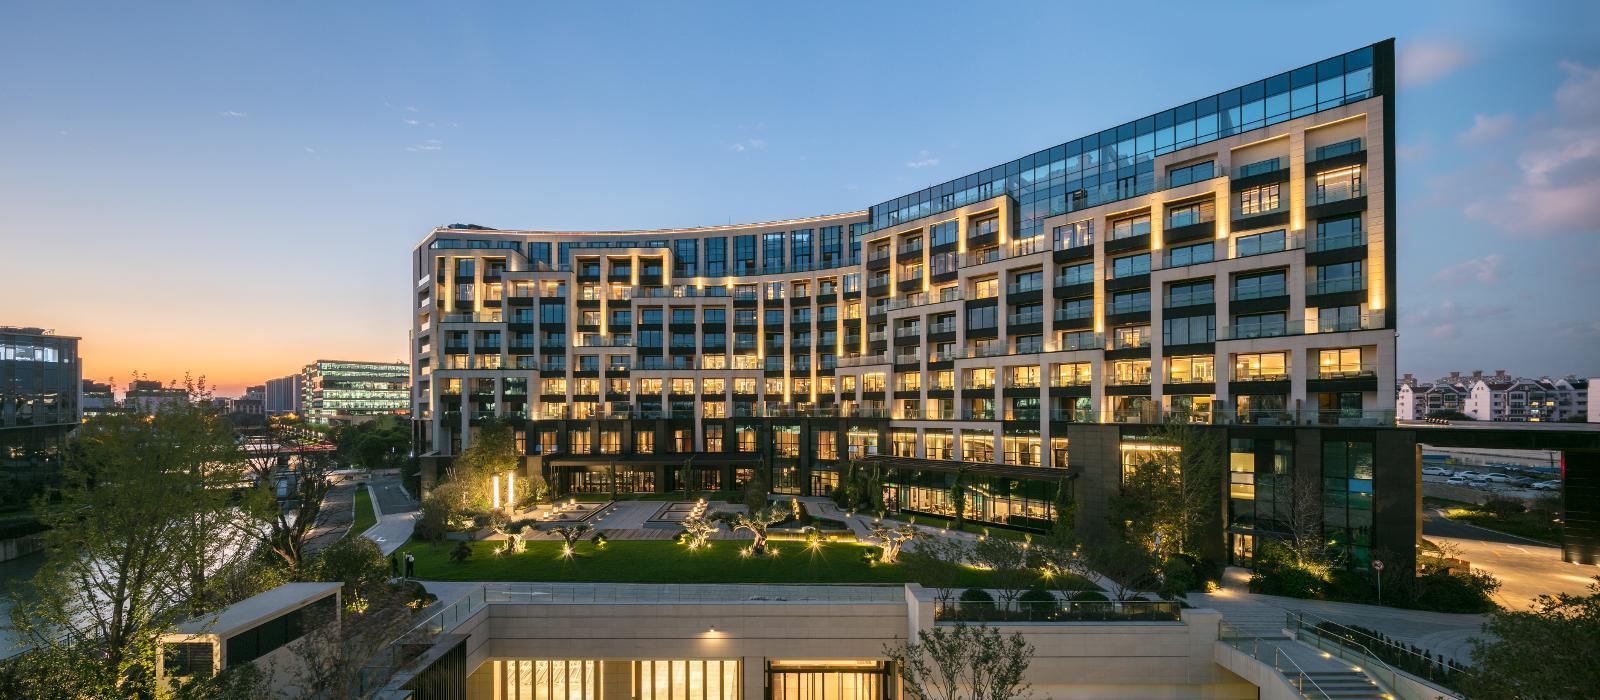 上海阿納迪酒店(The Anandi Hotel and Spa)【 上海,中國】 酒店  www.jansvu.icu